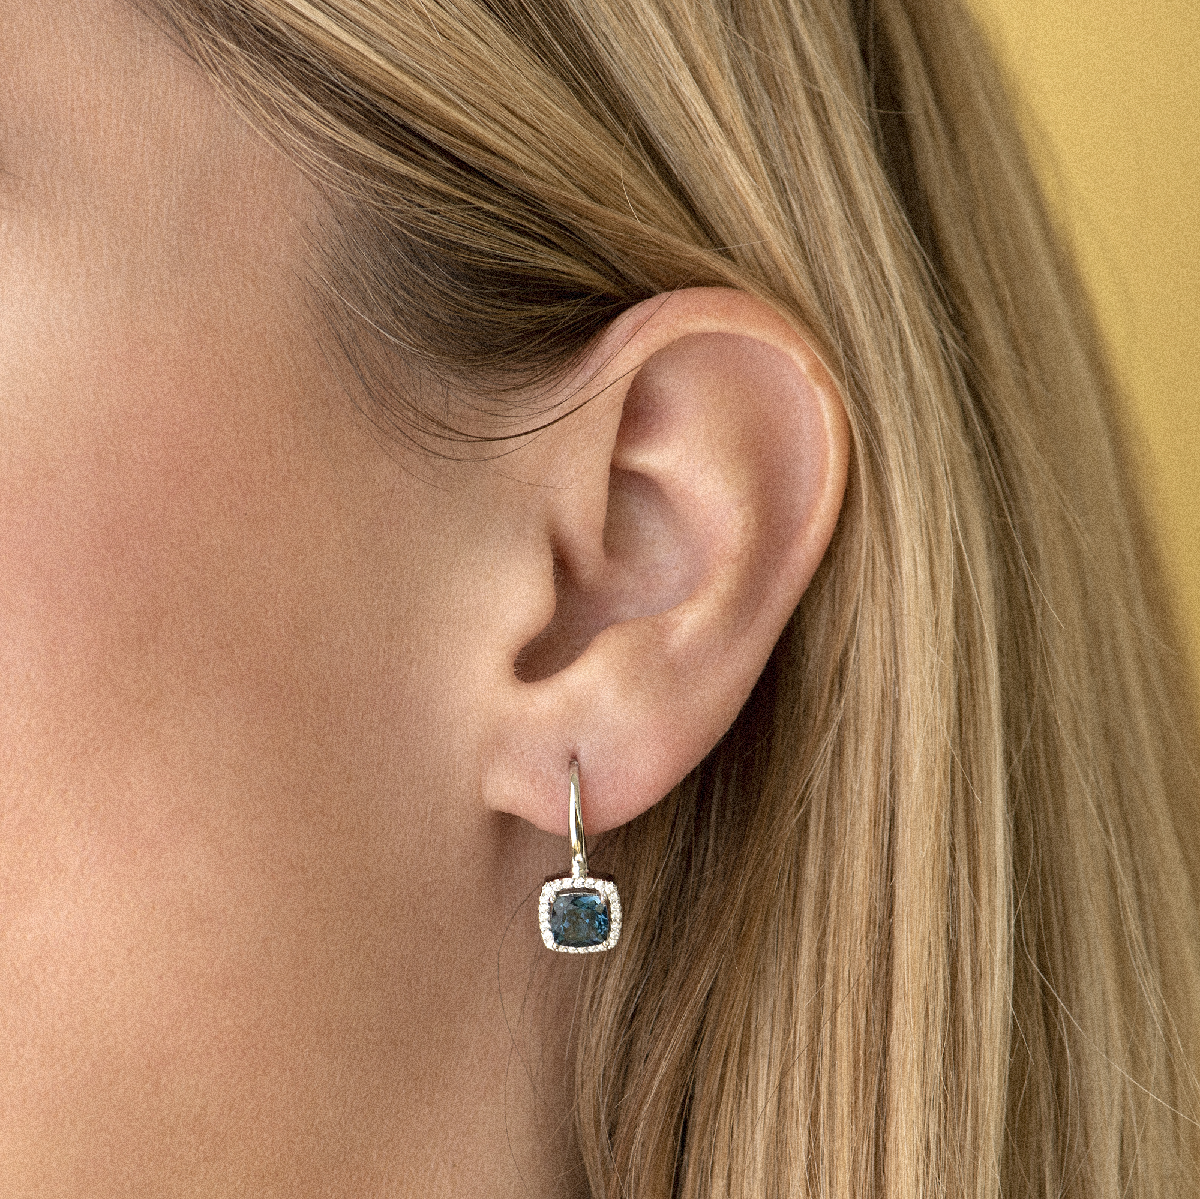 etna earrings in white gold